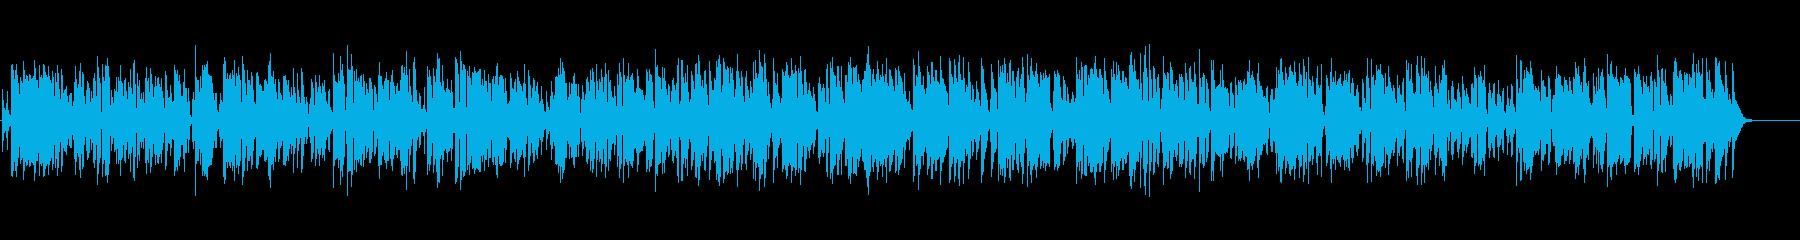 古めかしいクラリネットのオールドジャズの再生済みの波形